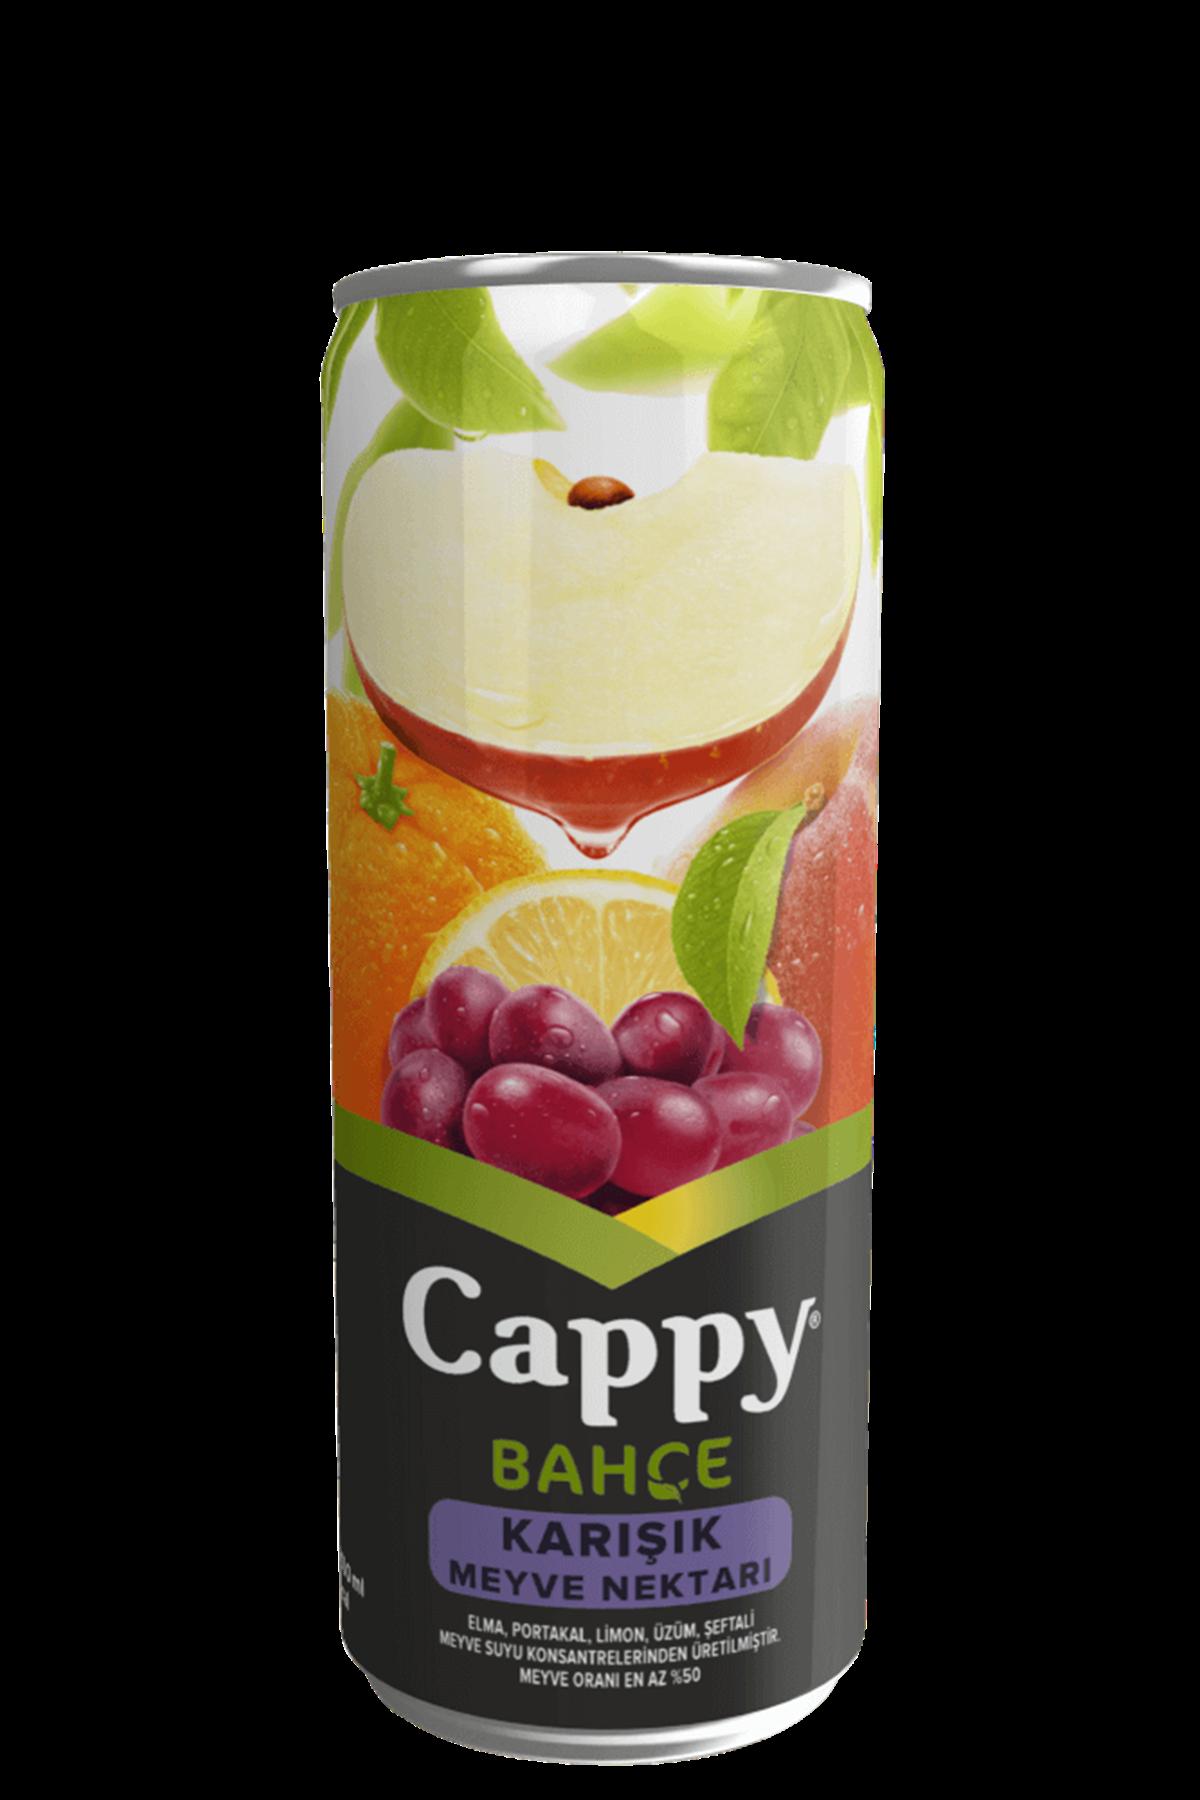 CAPPY KARIŞIK - 330 ml